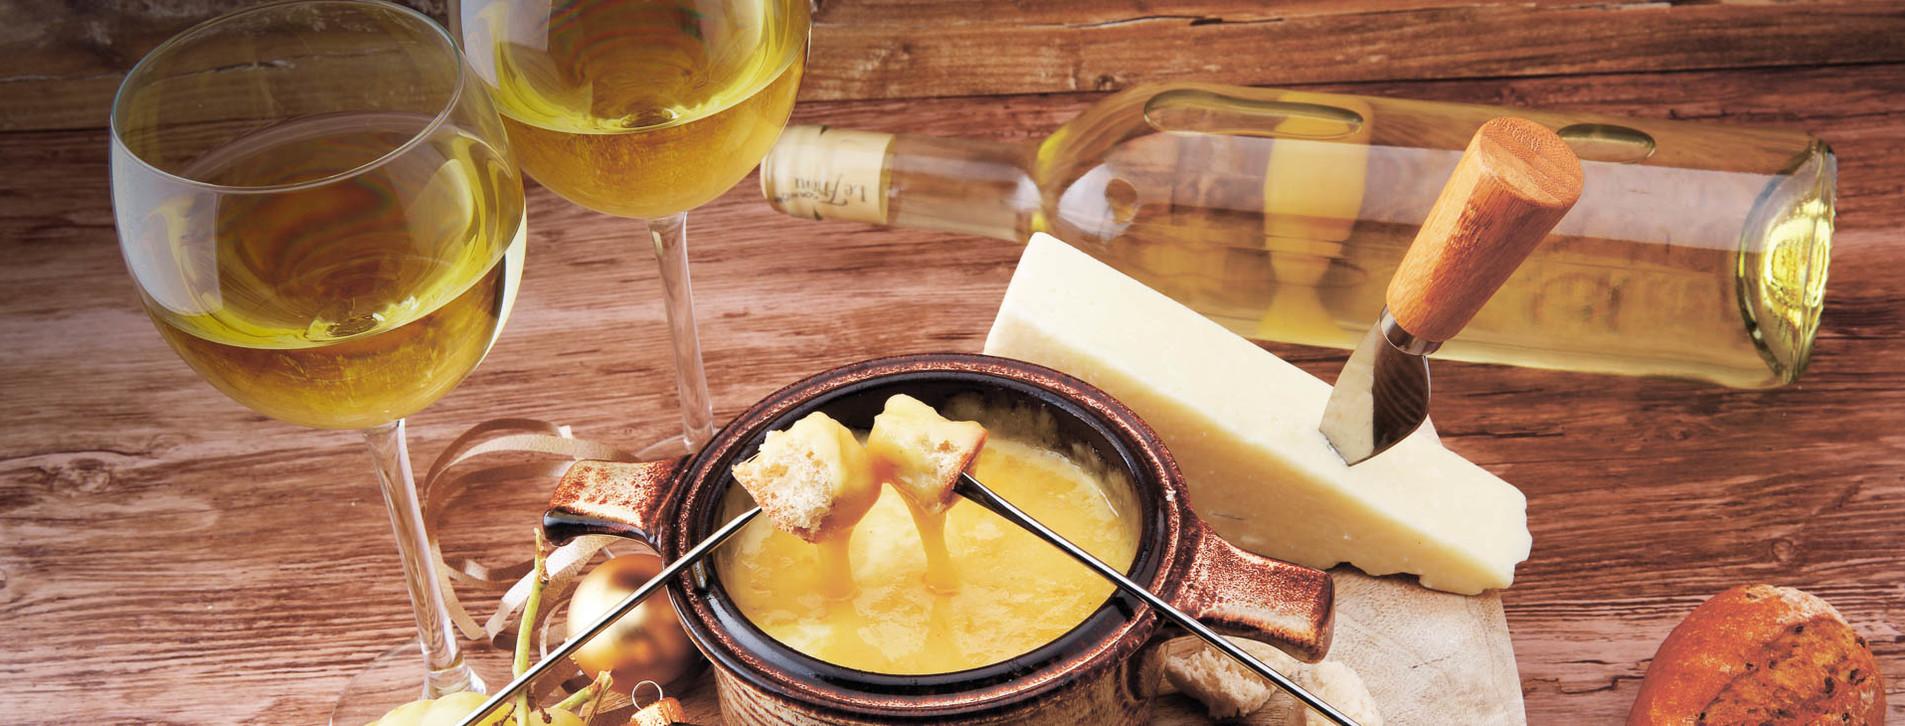 Фото - Вино та фондю для двох